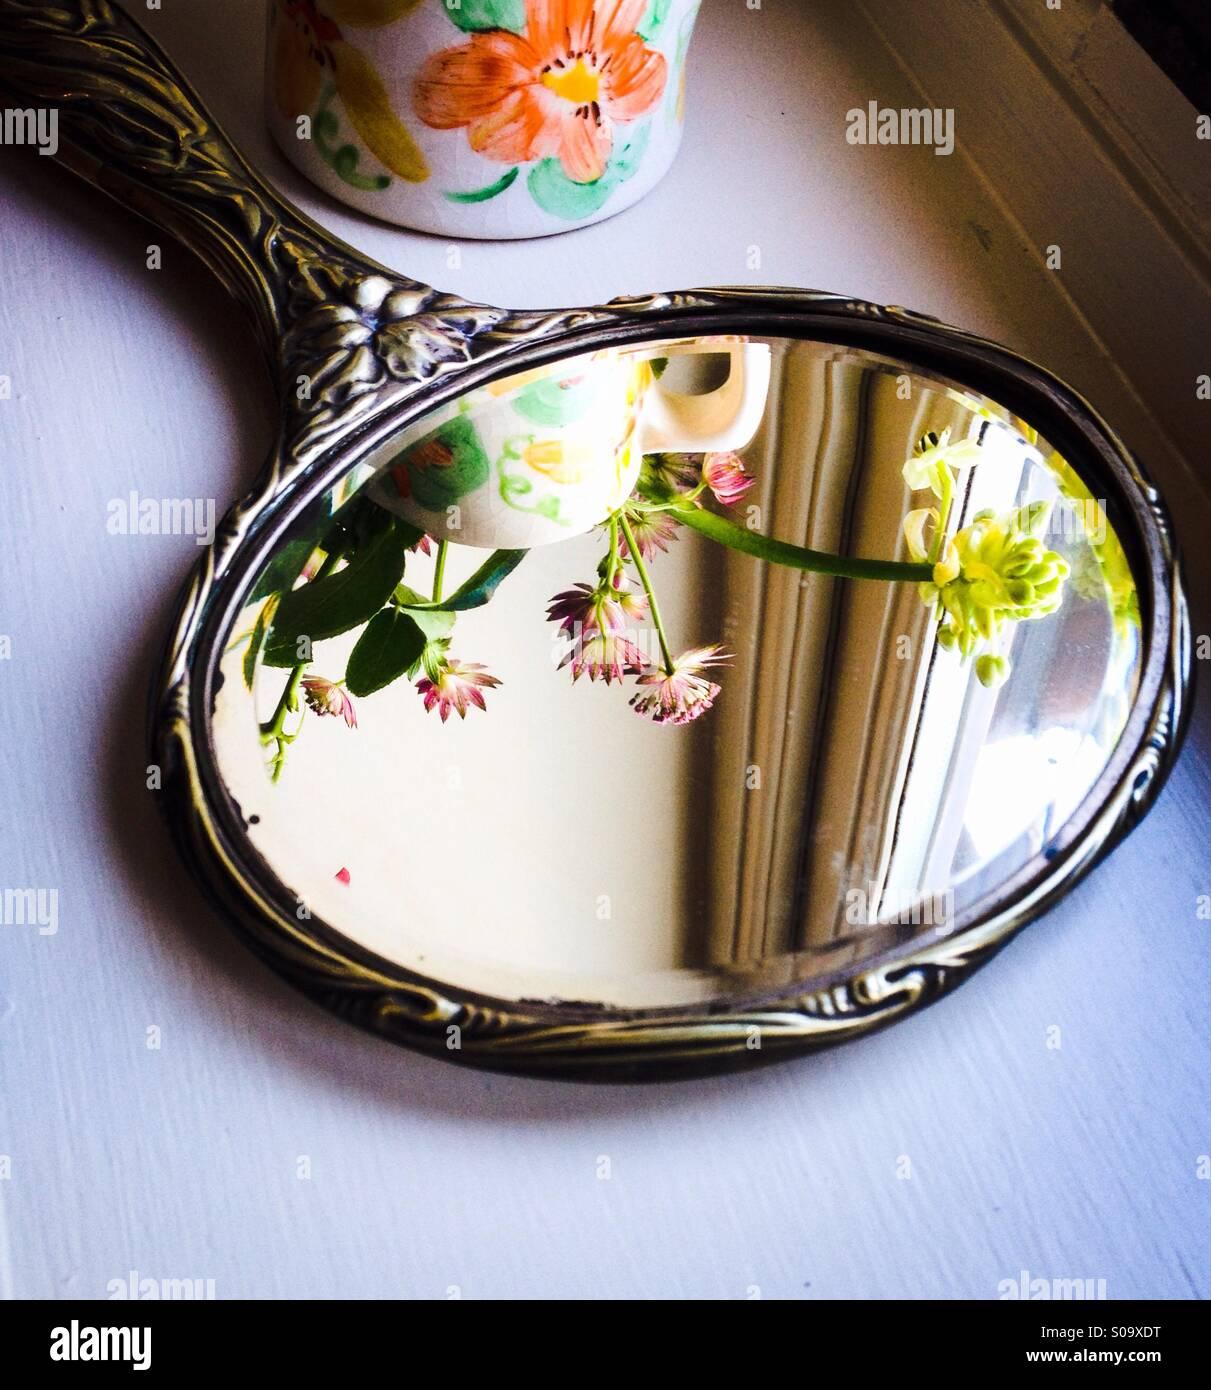 Specchio a mano Immagini Stock